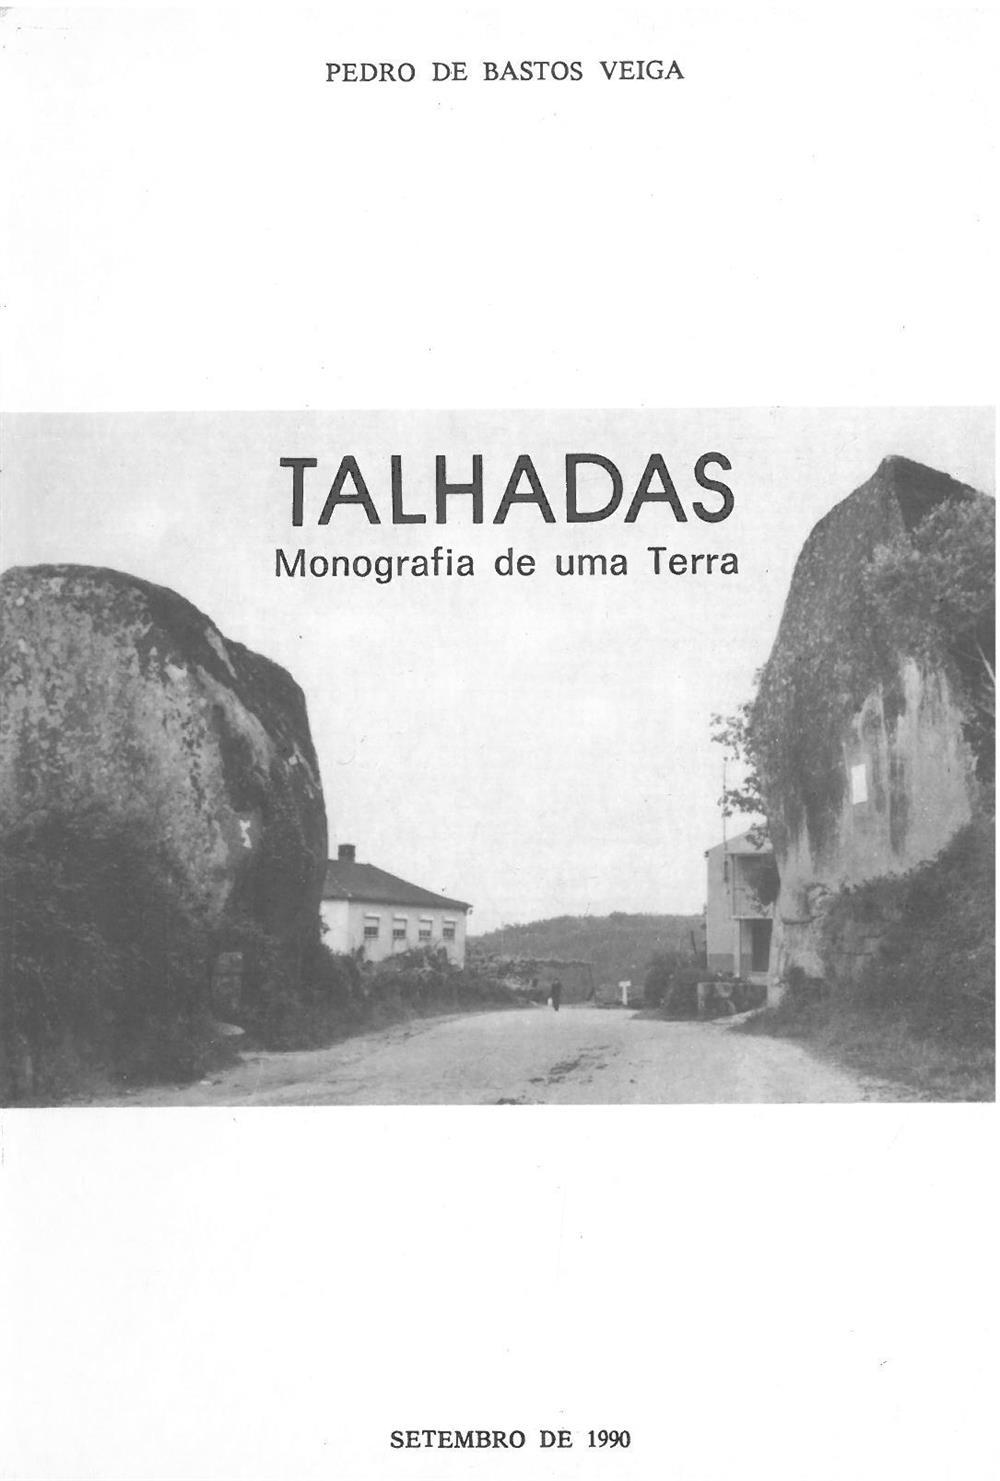 Talhadas : monografia de uma terra.jpg